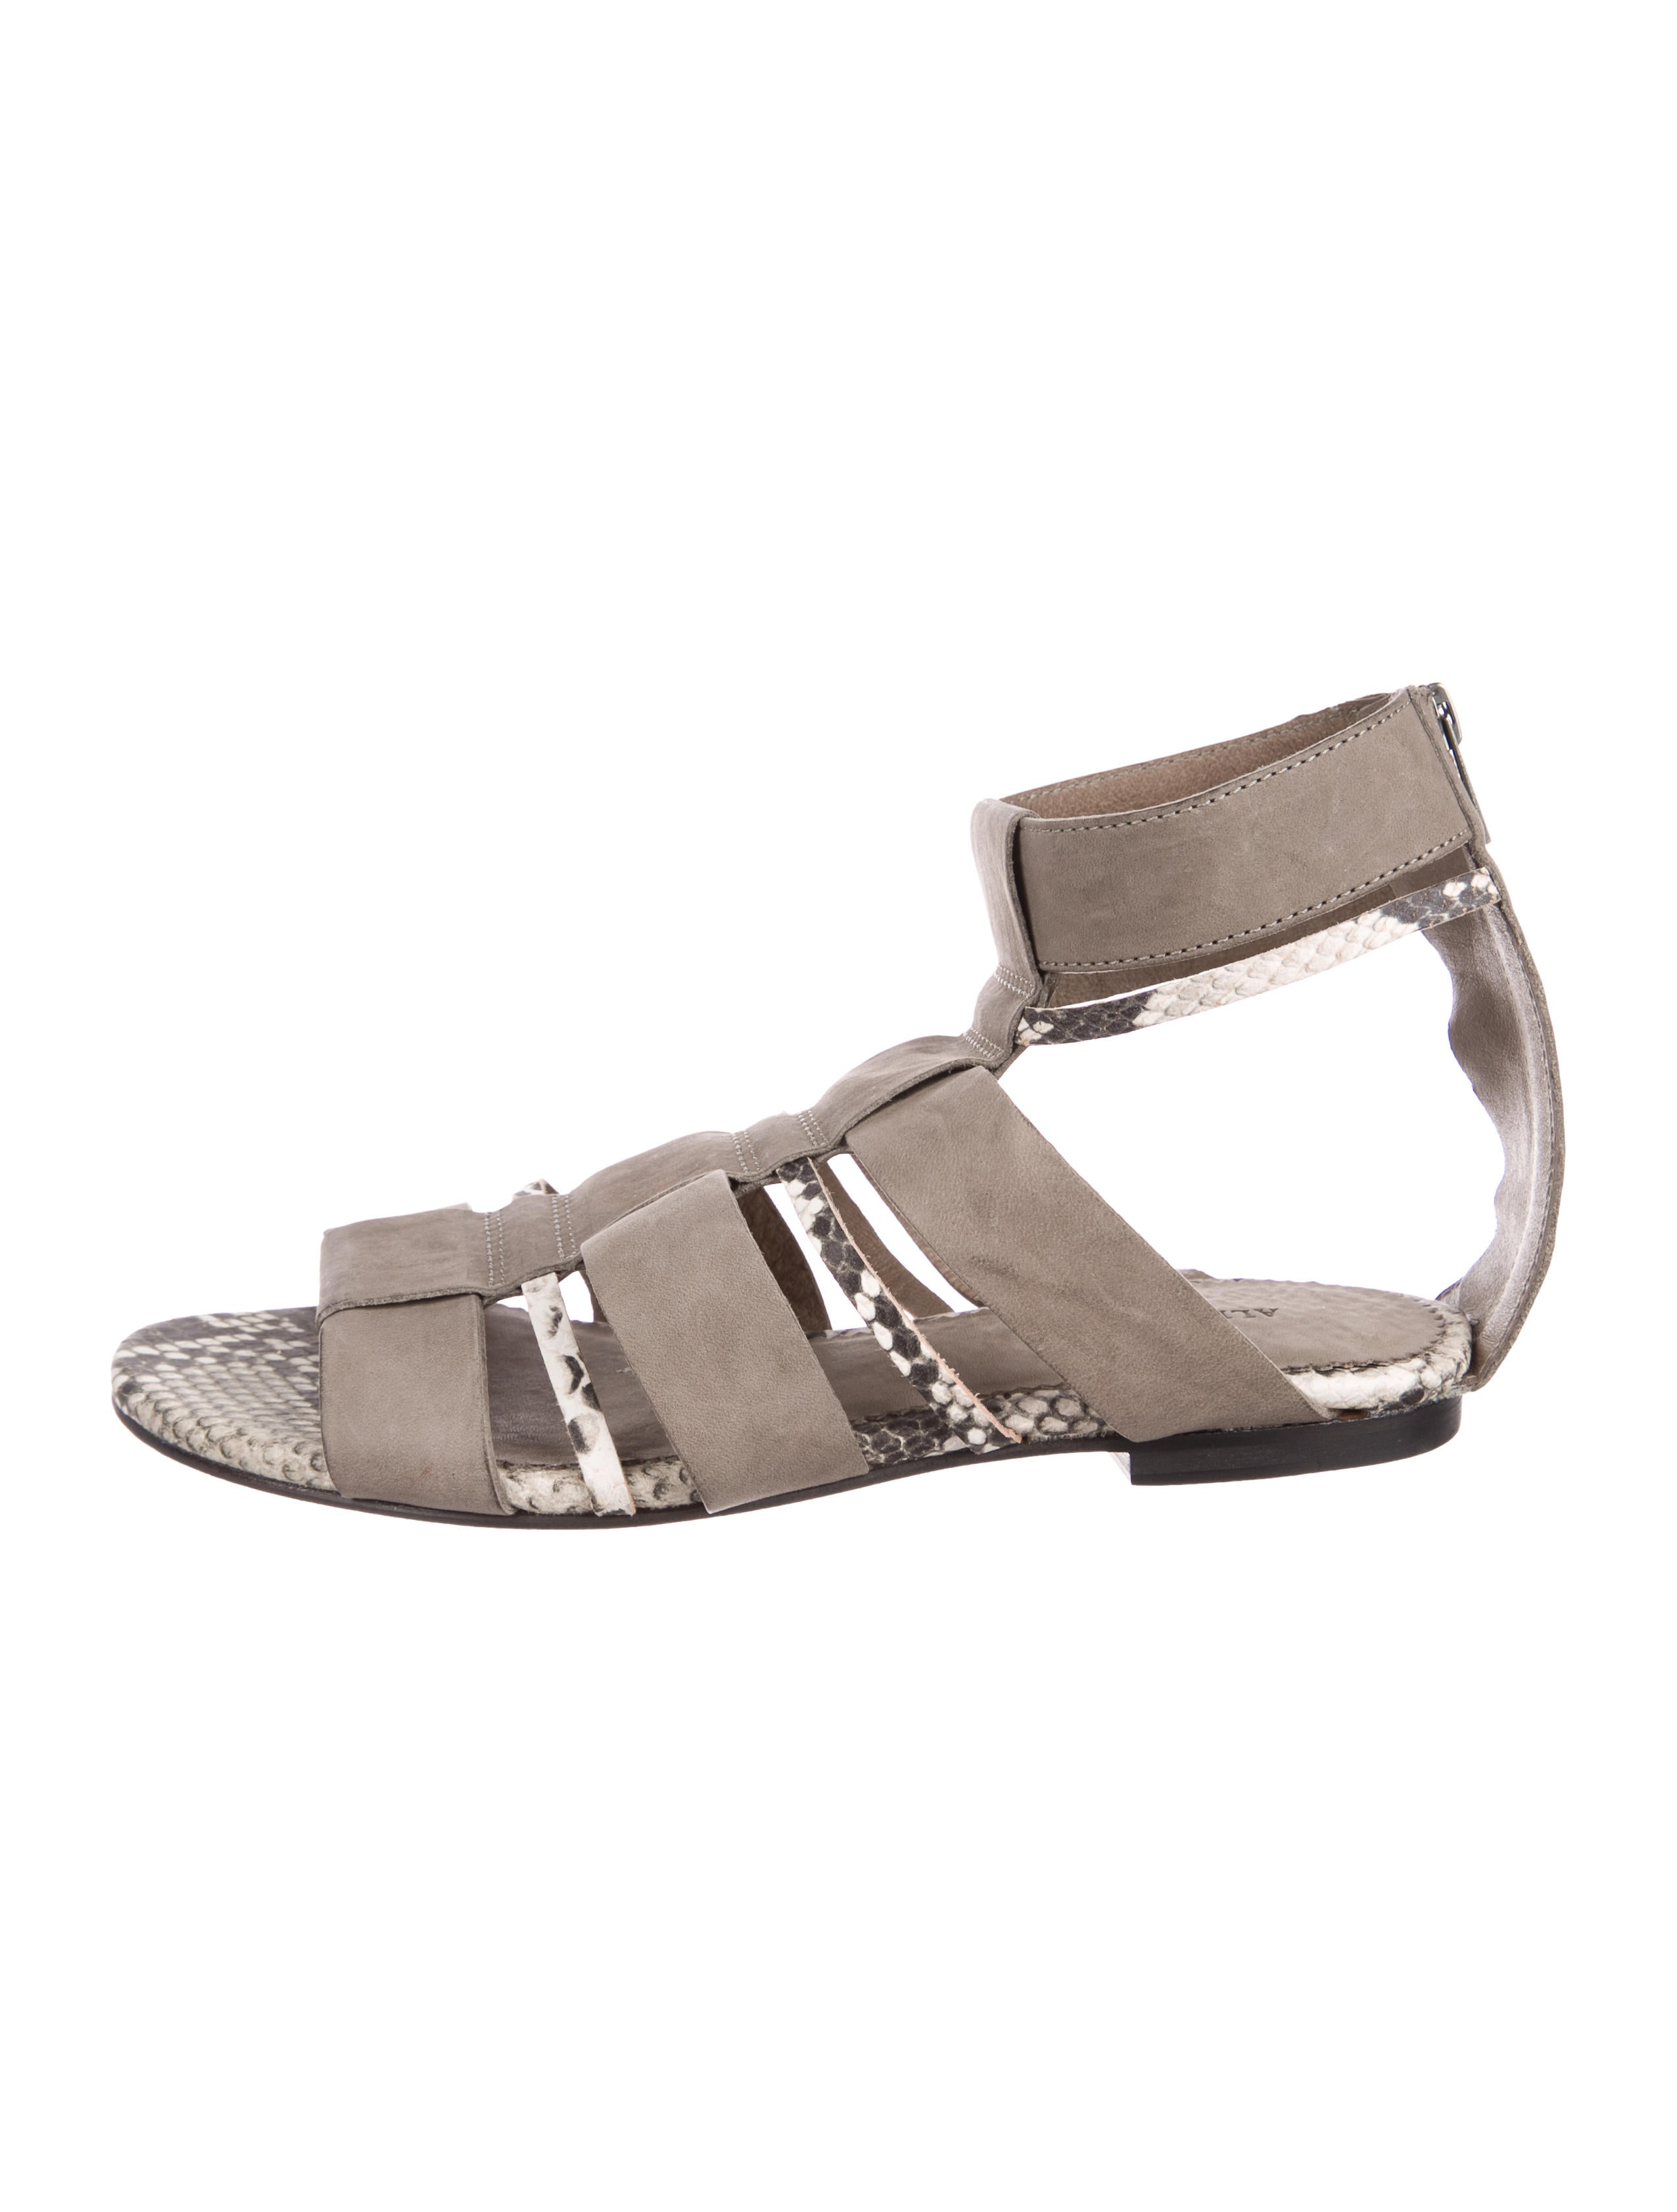 cheap pre order AllSaints Phoenix Suede Sandals buy cheap deals ijMDMx4so